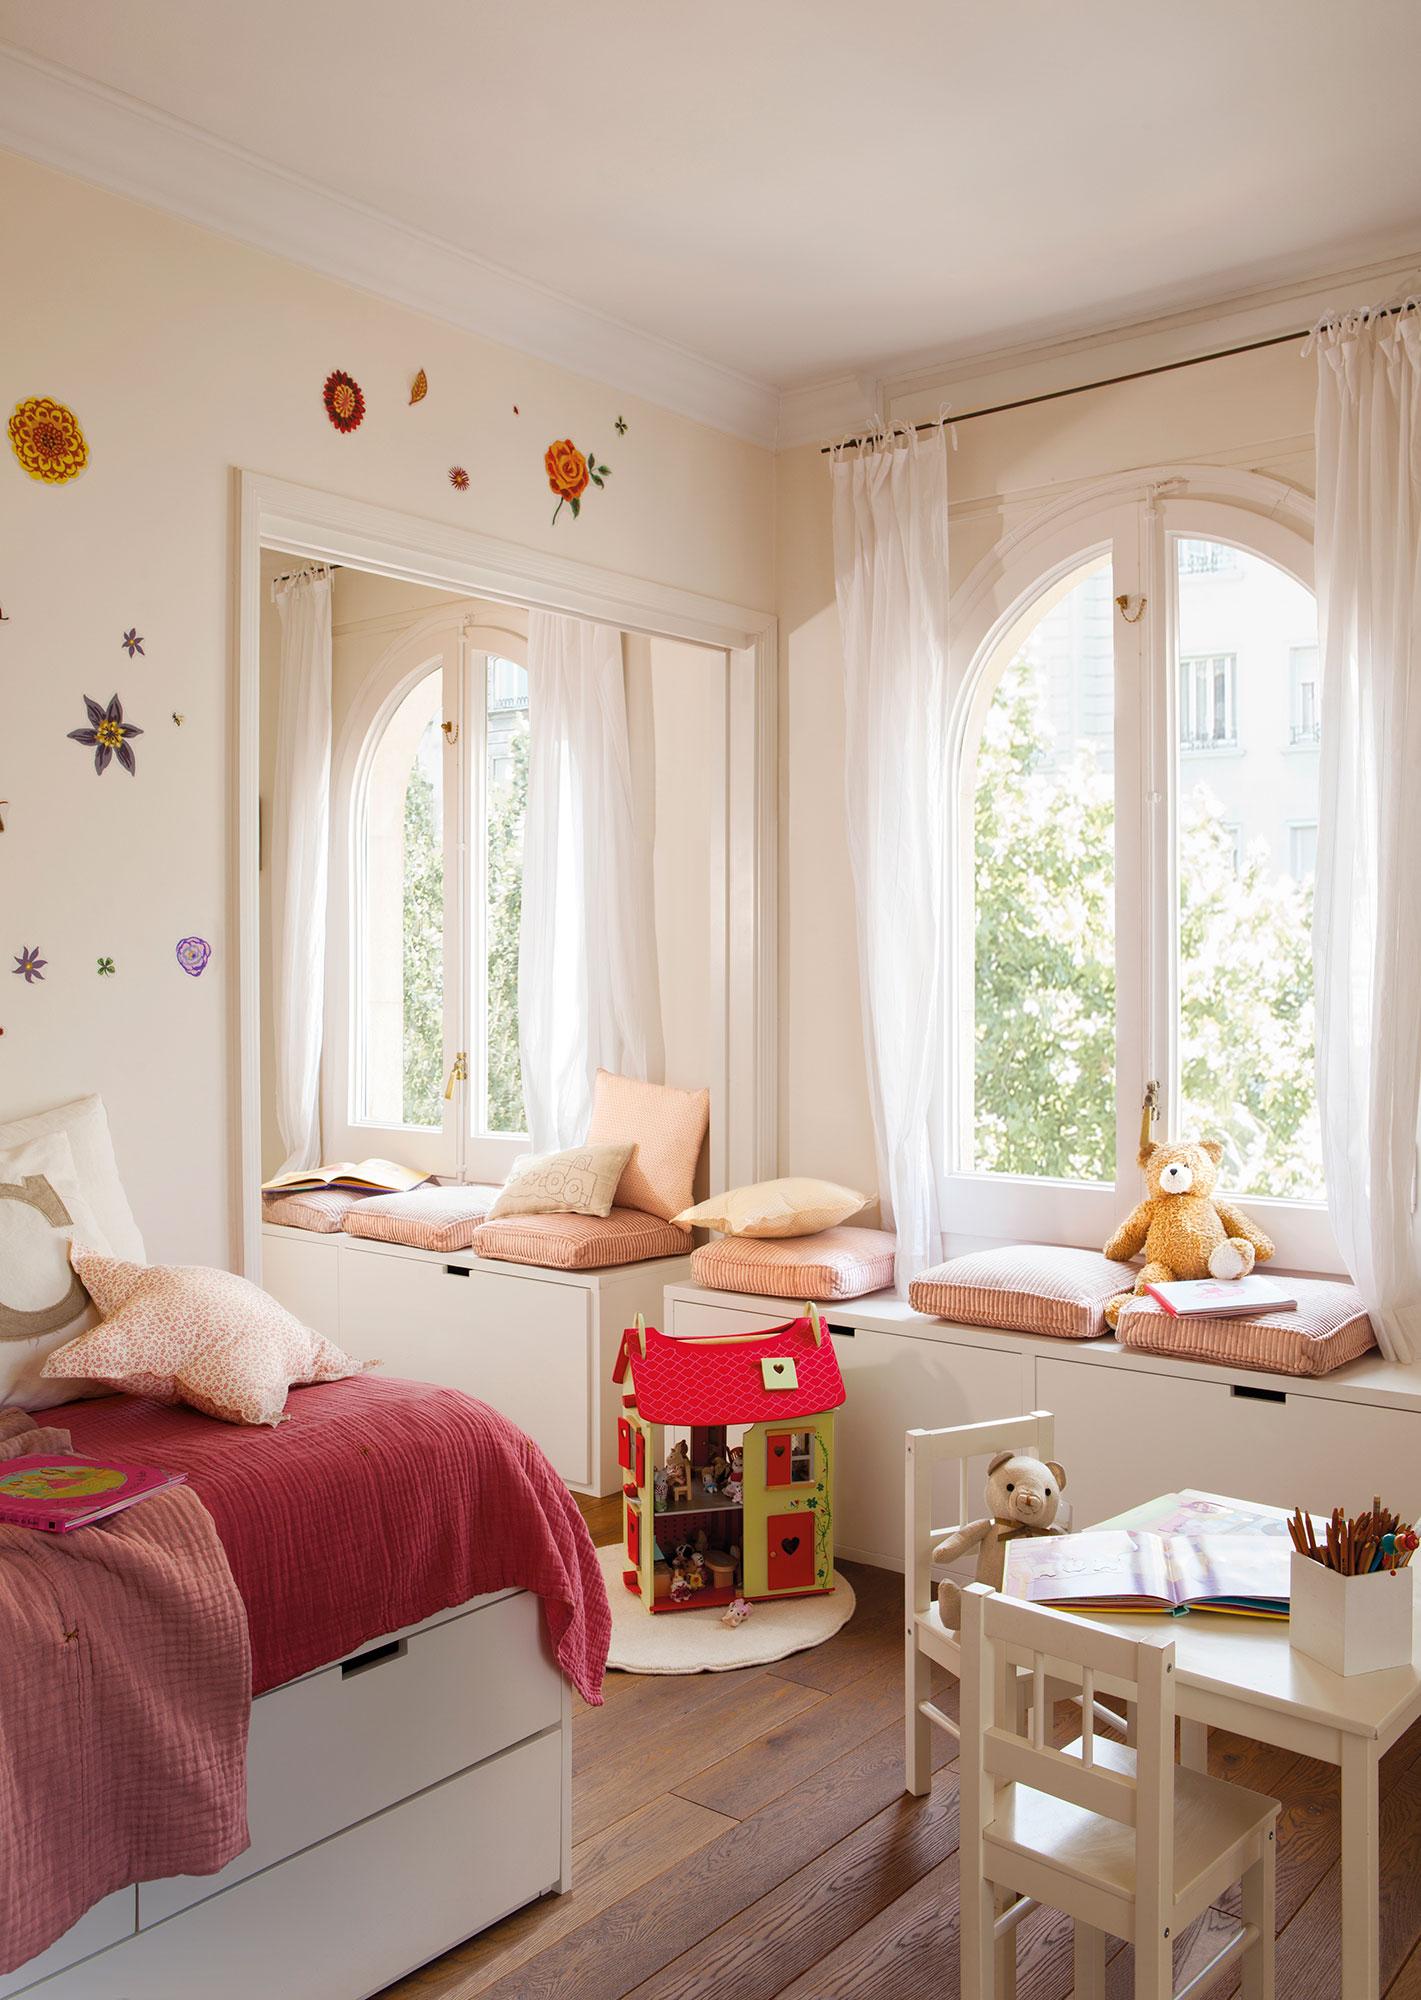 Soluciones para ordenar y guardar los juguetes - Bancos para dormitorio matrimonio ...